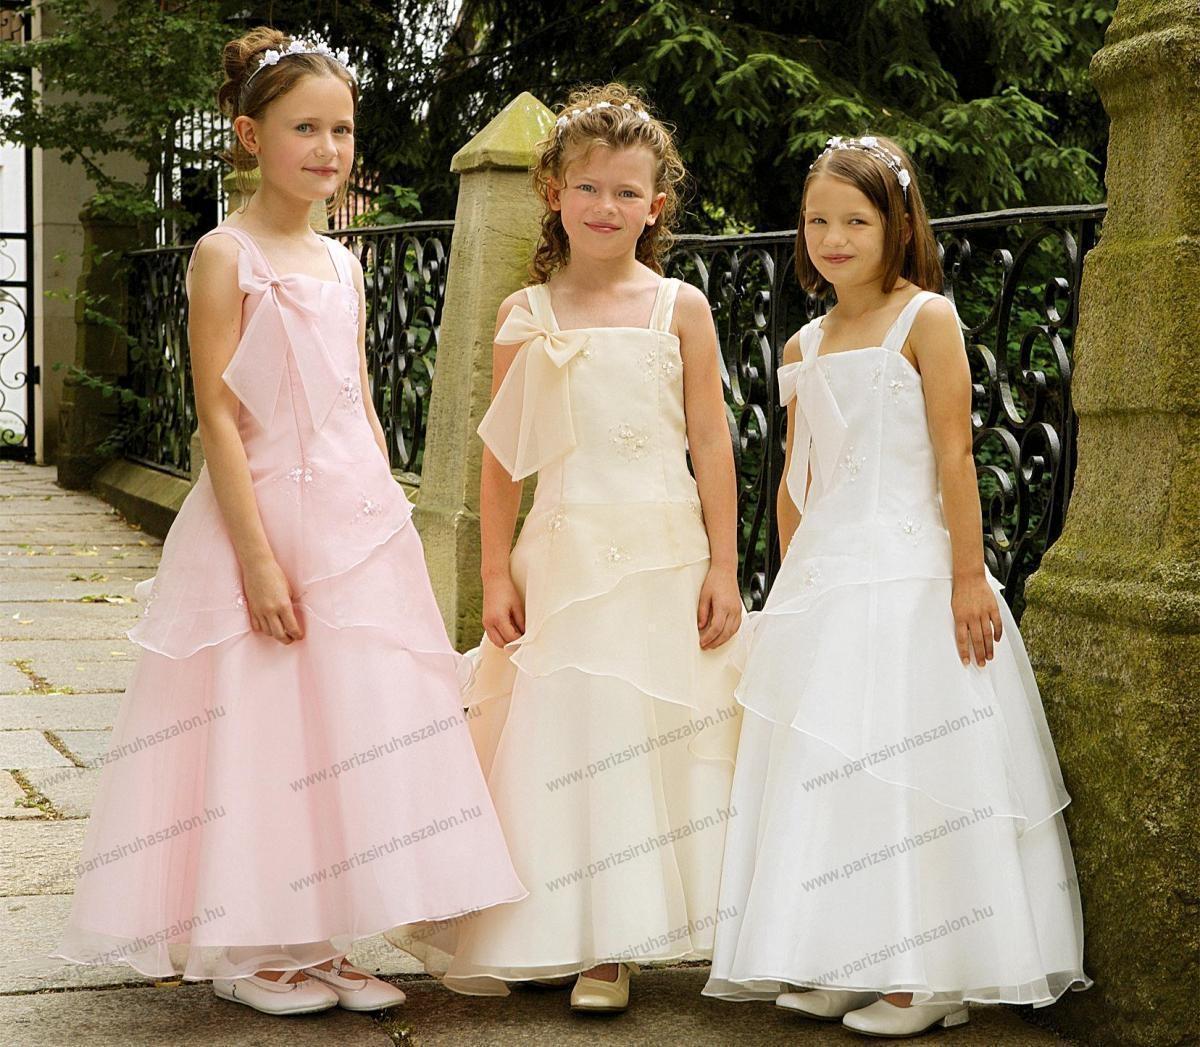 dc1d04ea56 Koszorúslány ruha 110 cm EMMERLING 91311   Koszorúslány és alkalmi ruhák  Emmerling. (cikkszám: EMMERLING 359)